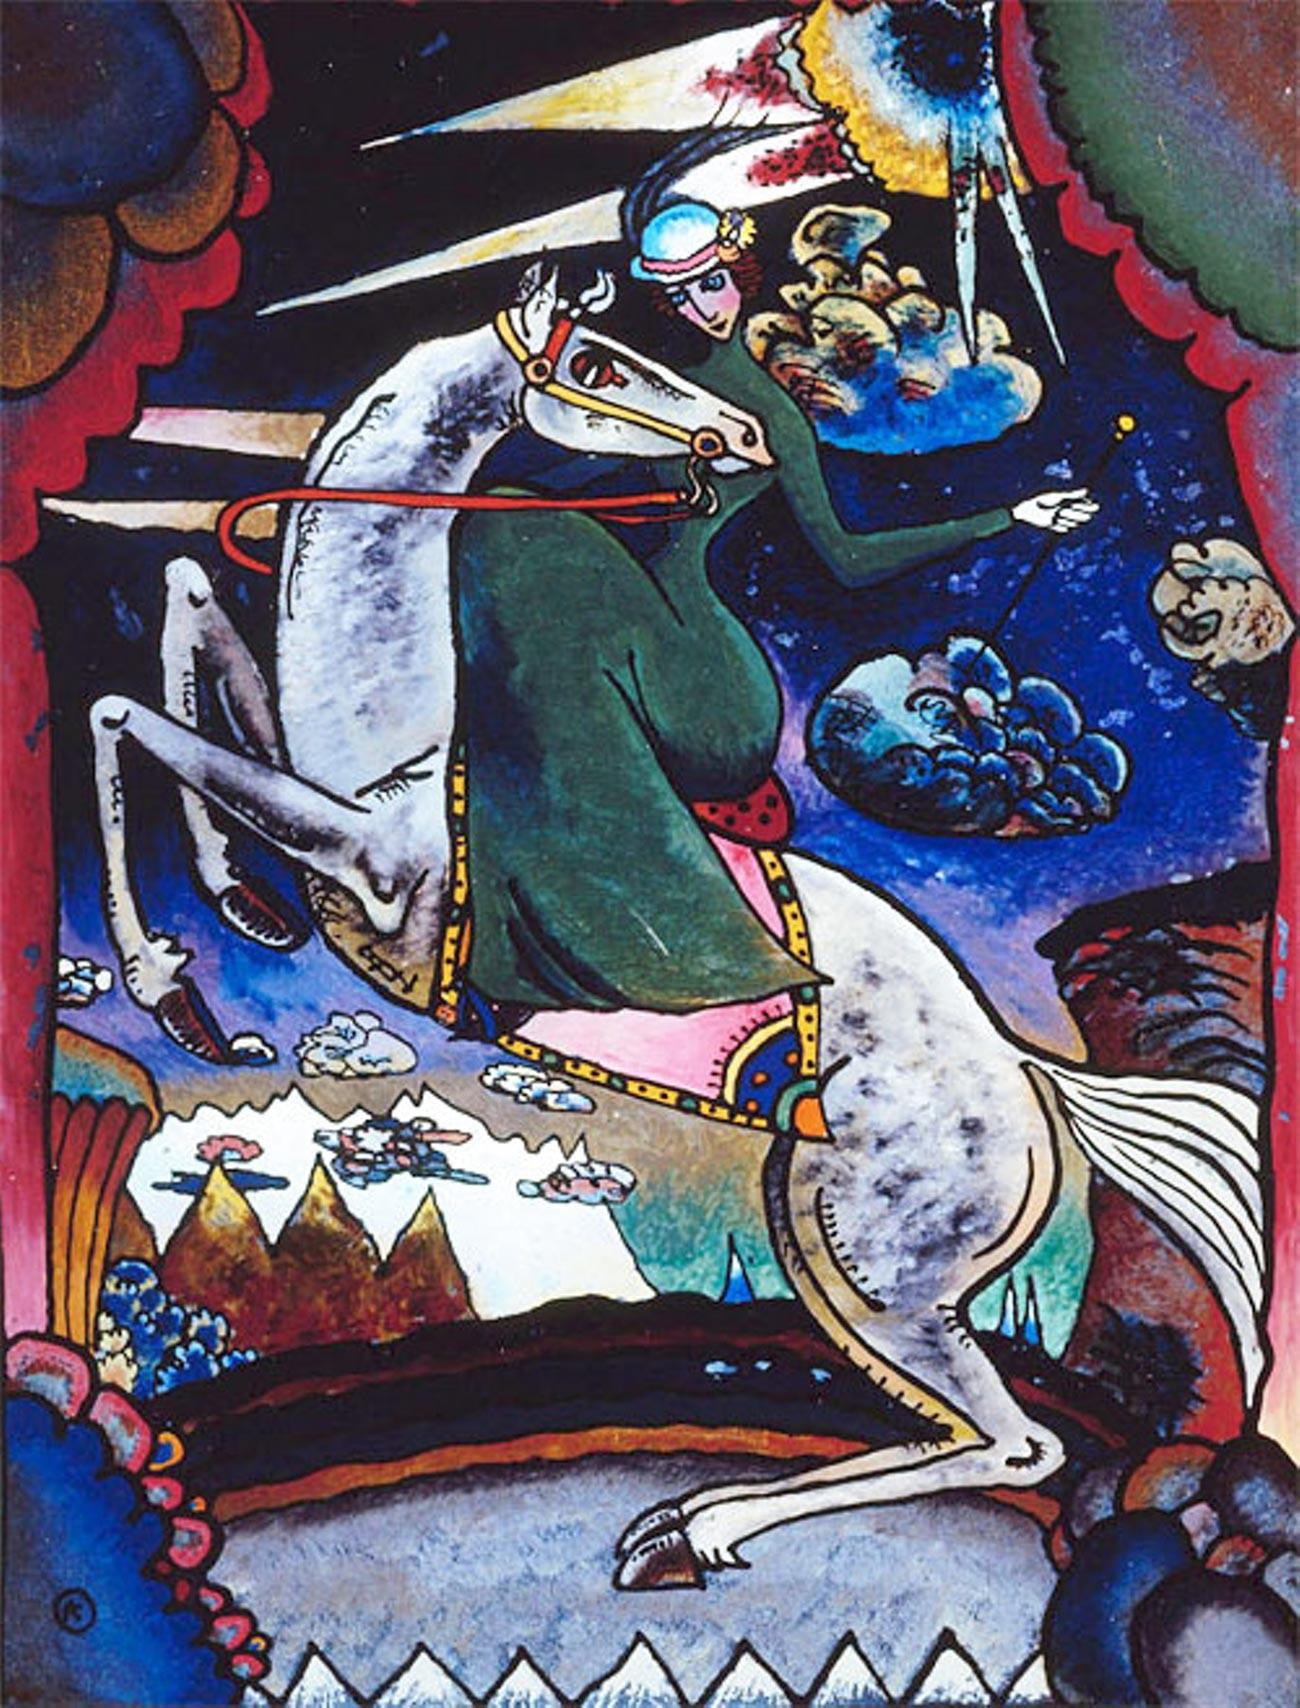 Peinture sur verre « Amazone dans les montagnes », 1918